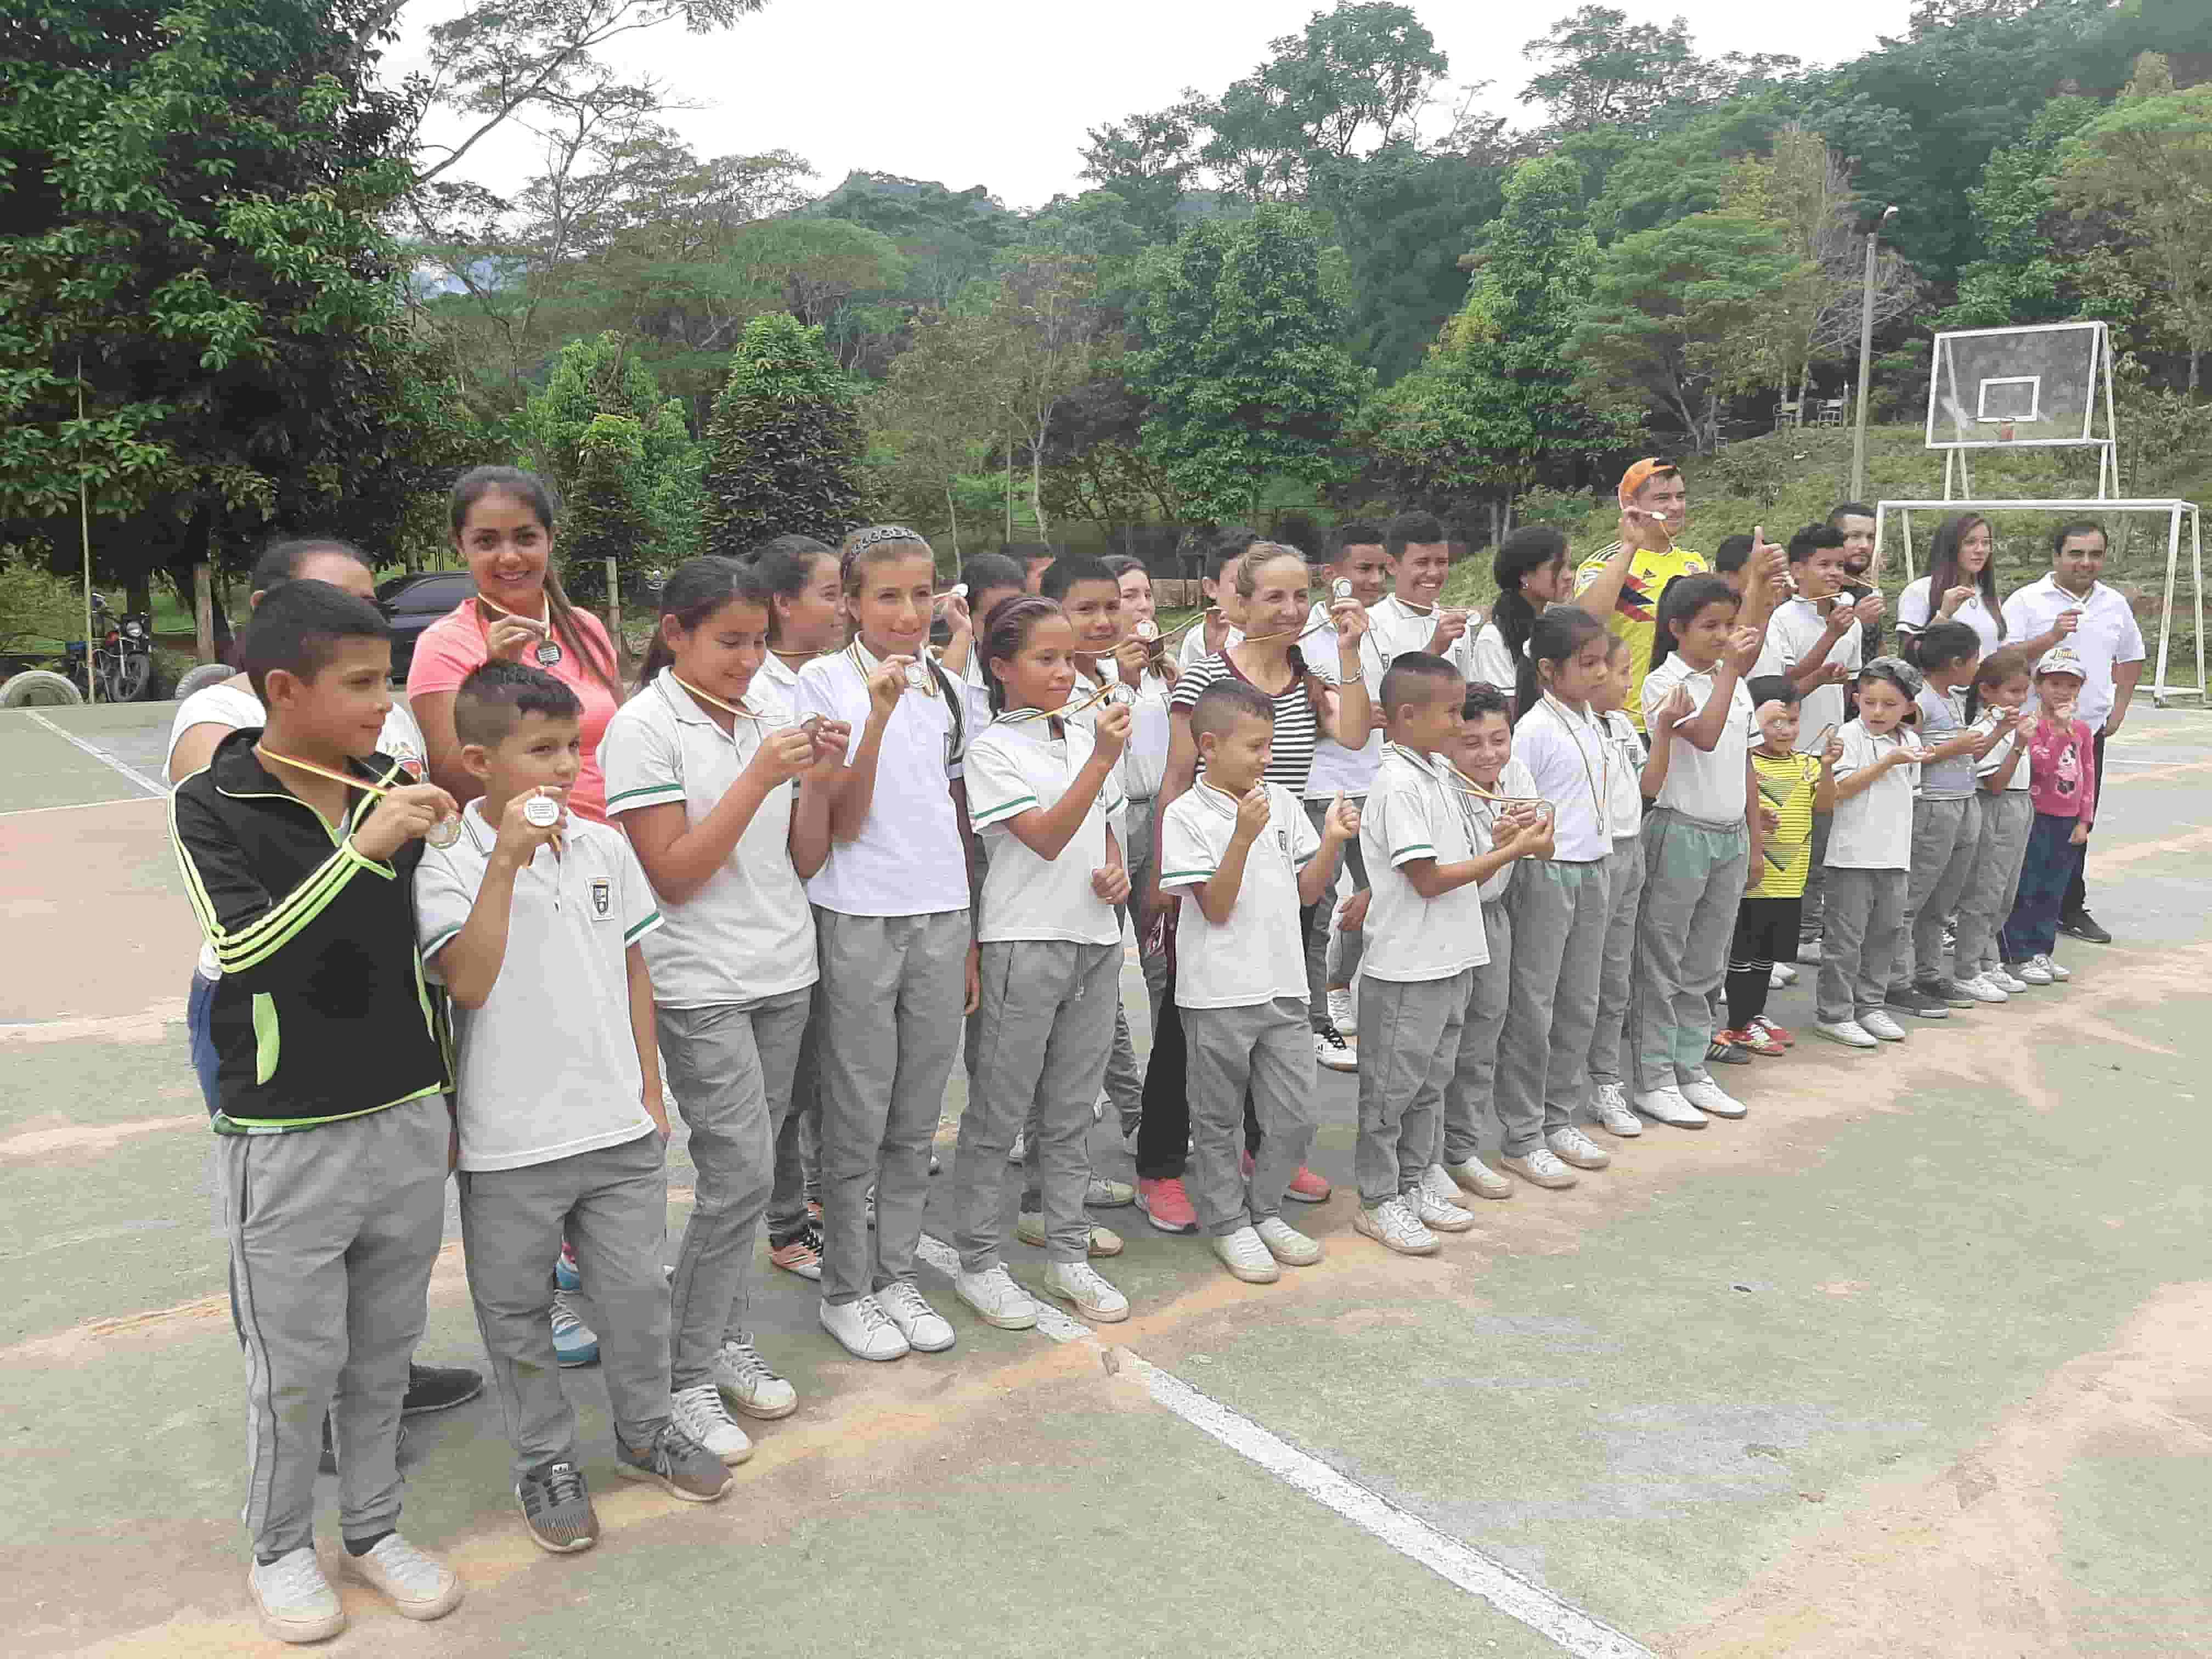 First School Athletics Festival in Maripí